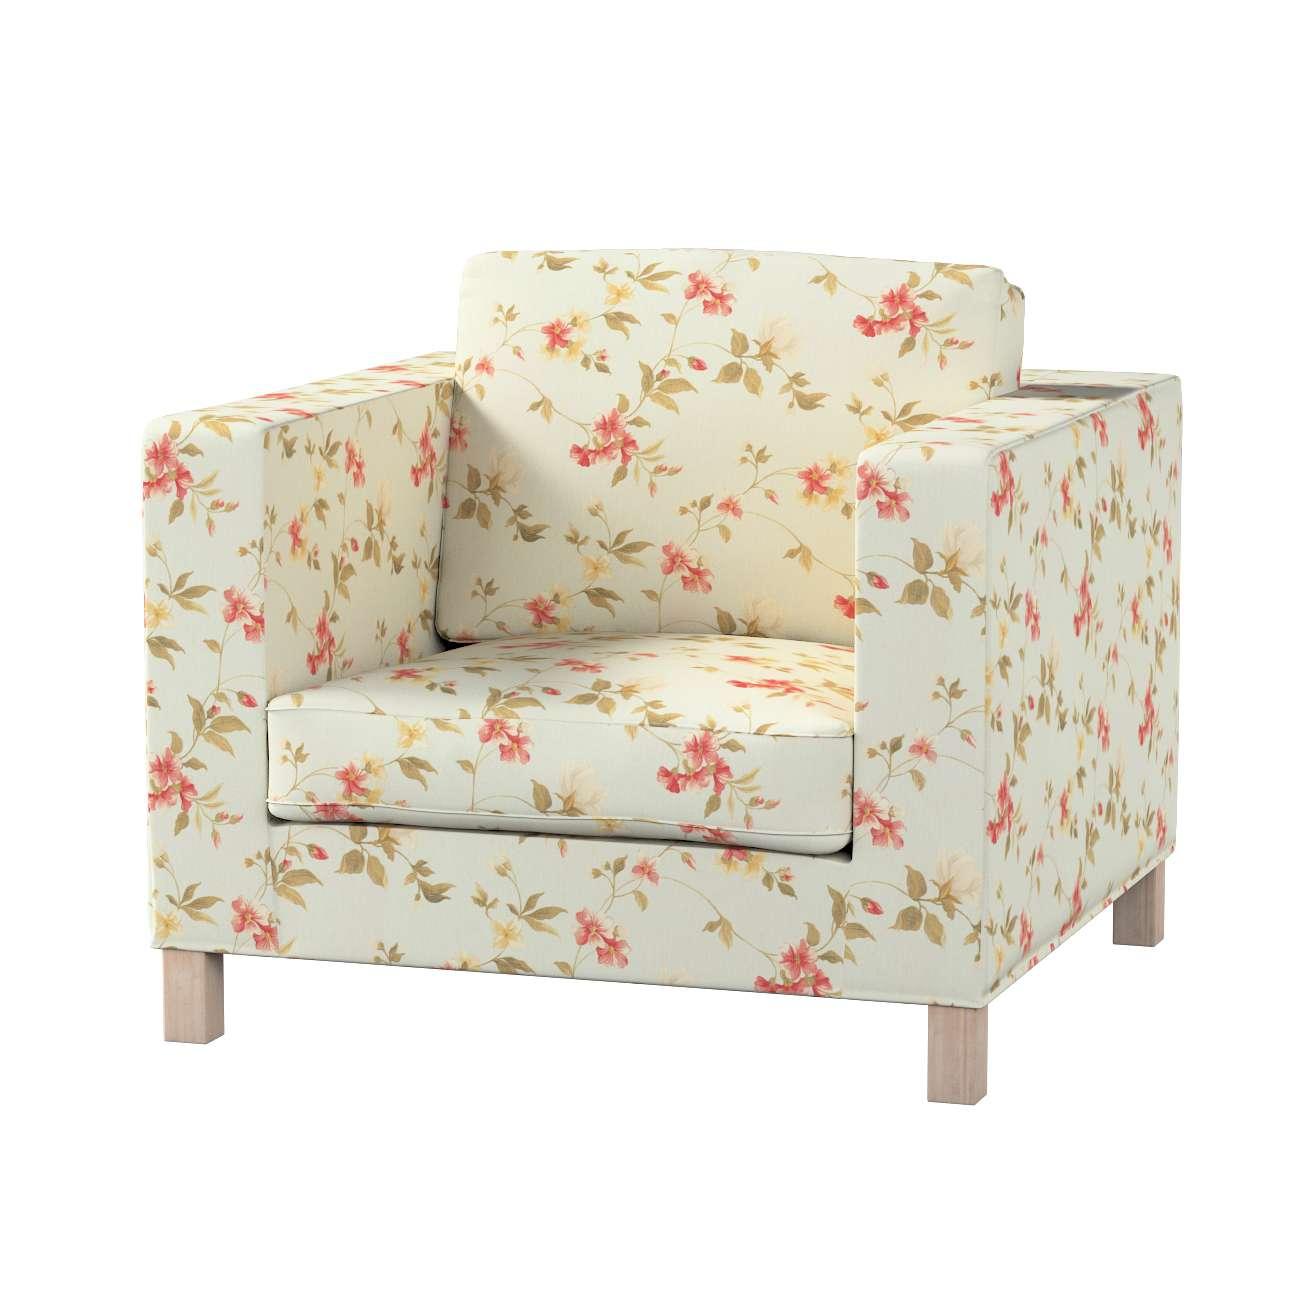 KARLANDA fotelio užvalkalas KARLANDA fotelio užvalkalas kolekcijoje Londres, audinys: 124-65